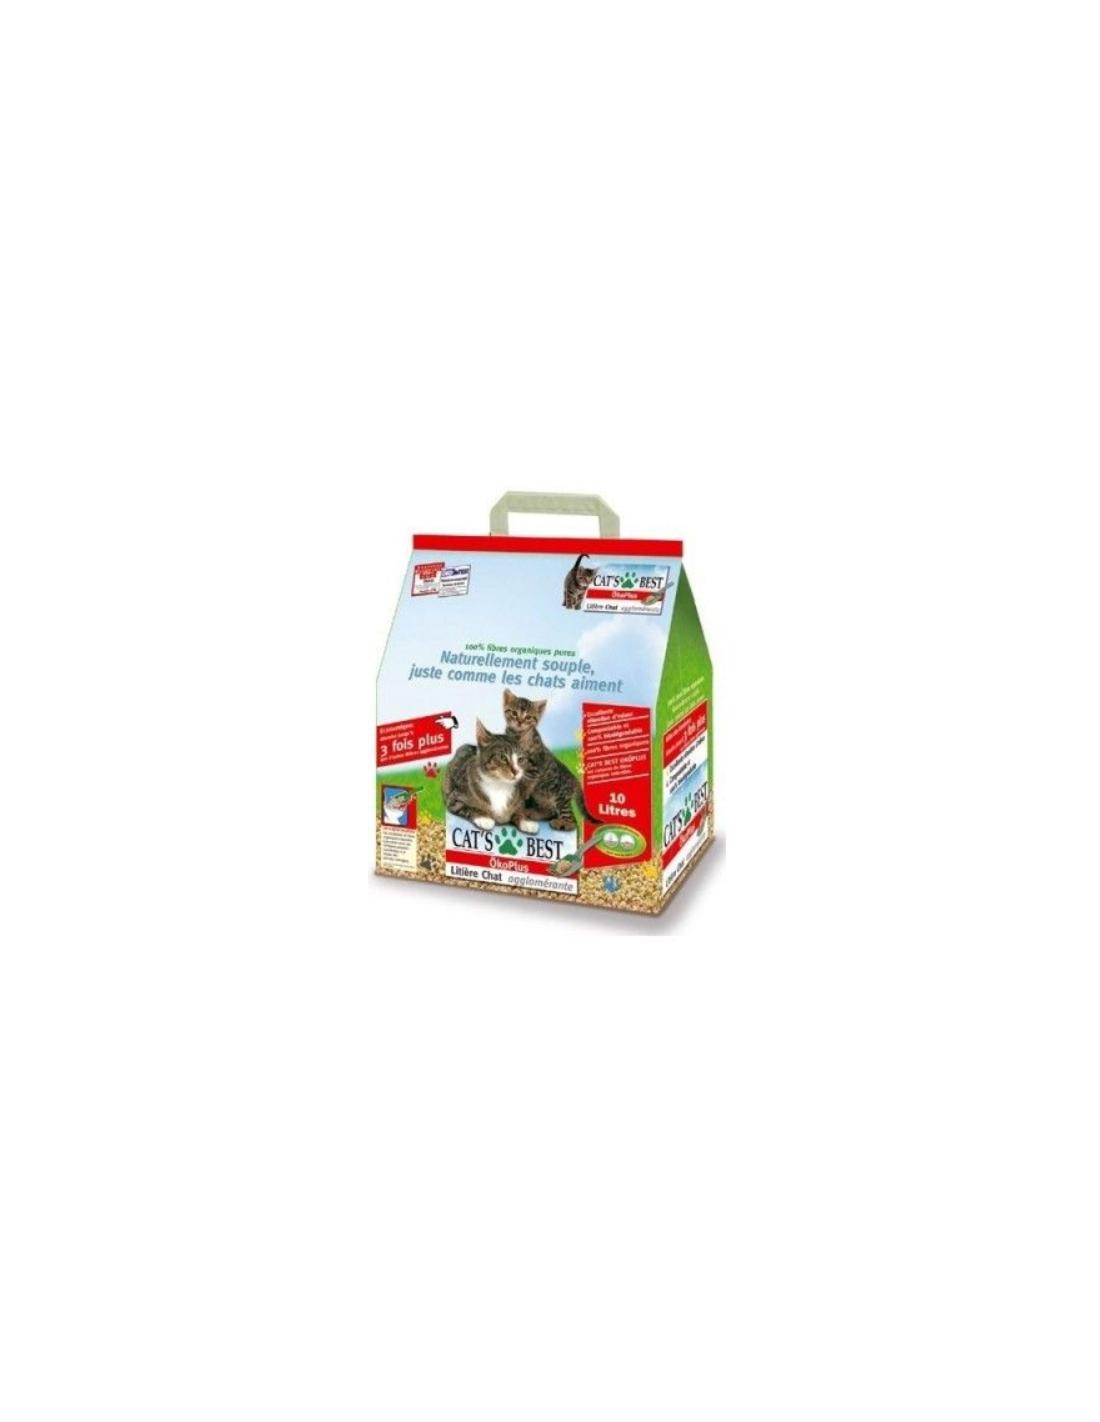 litière 10L OKO Plus - CATS BEST - 1